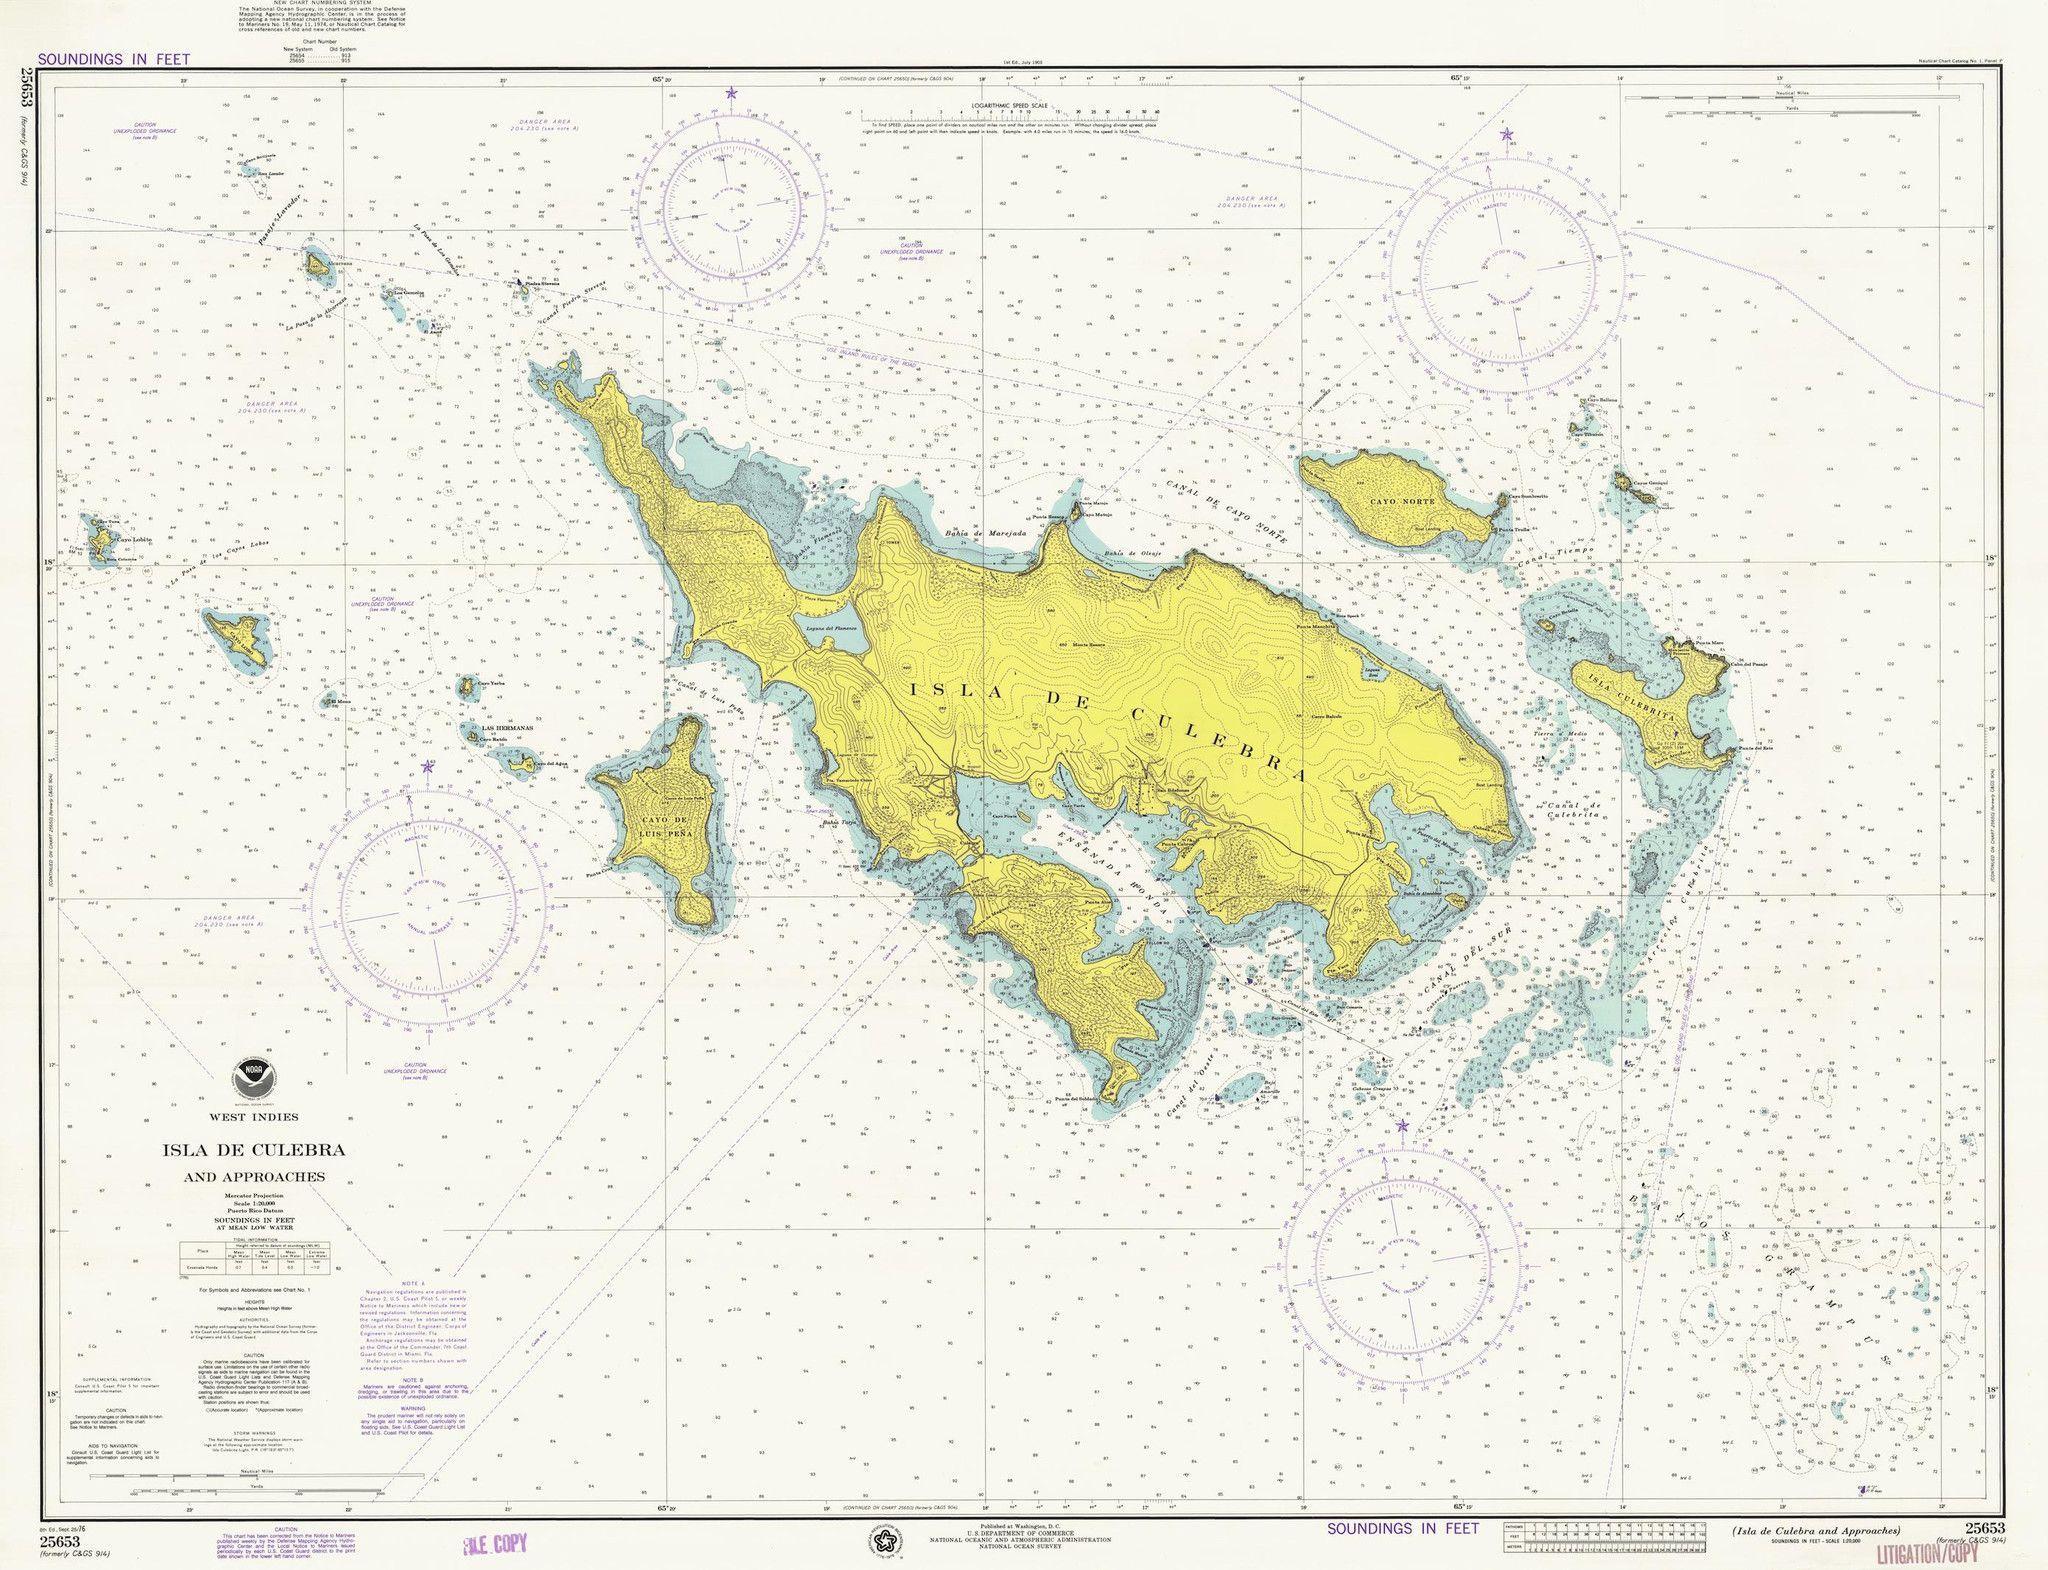 Culebra Island Map - 1976